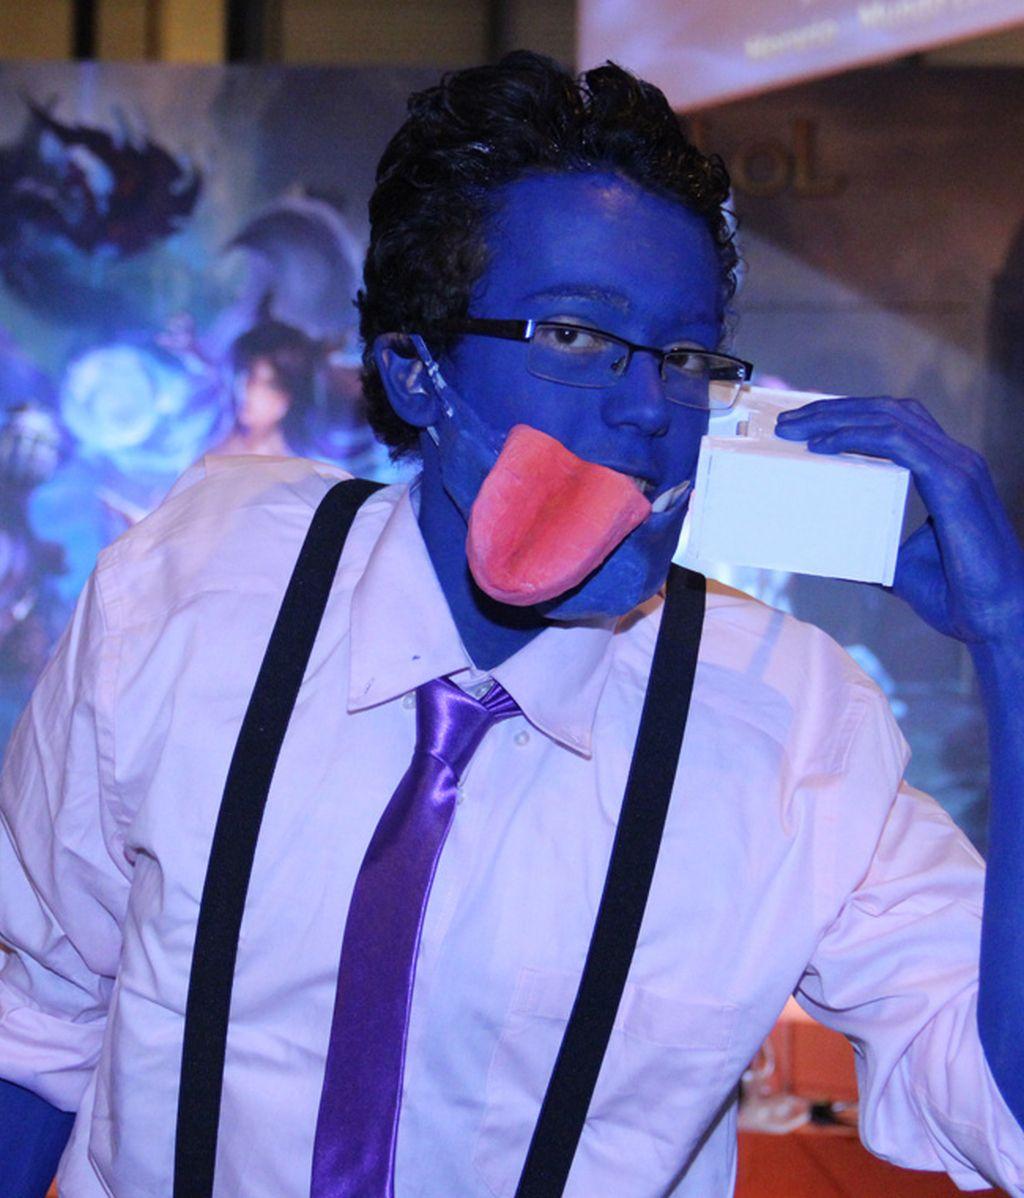 Dr. Mundo cosplayeado con su skin de ejecutivo